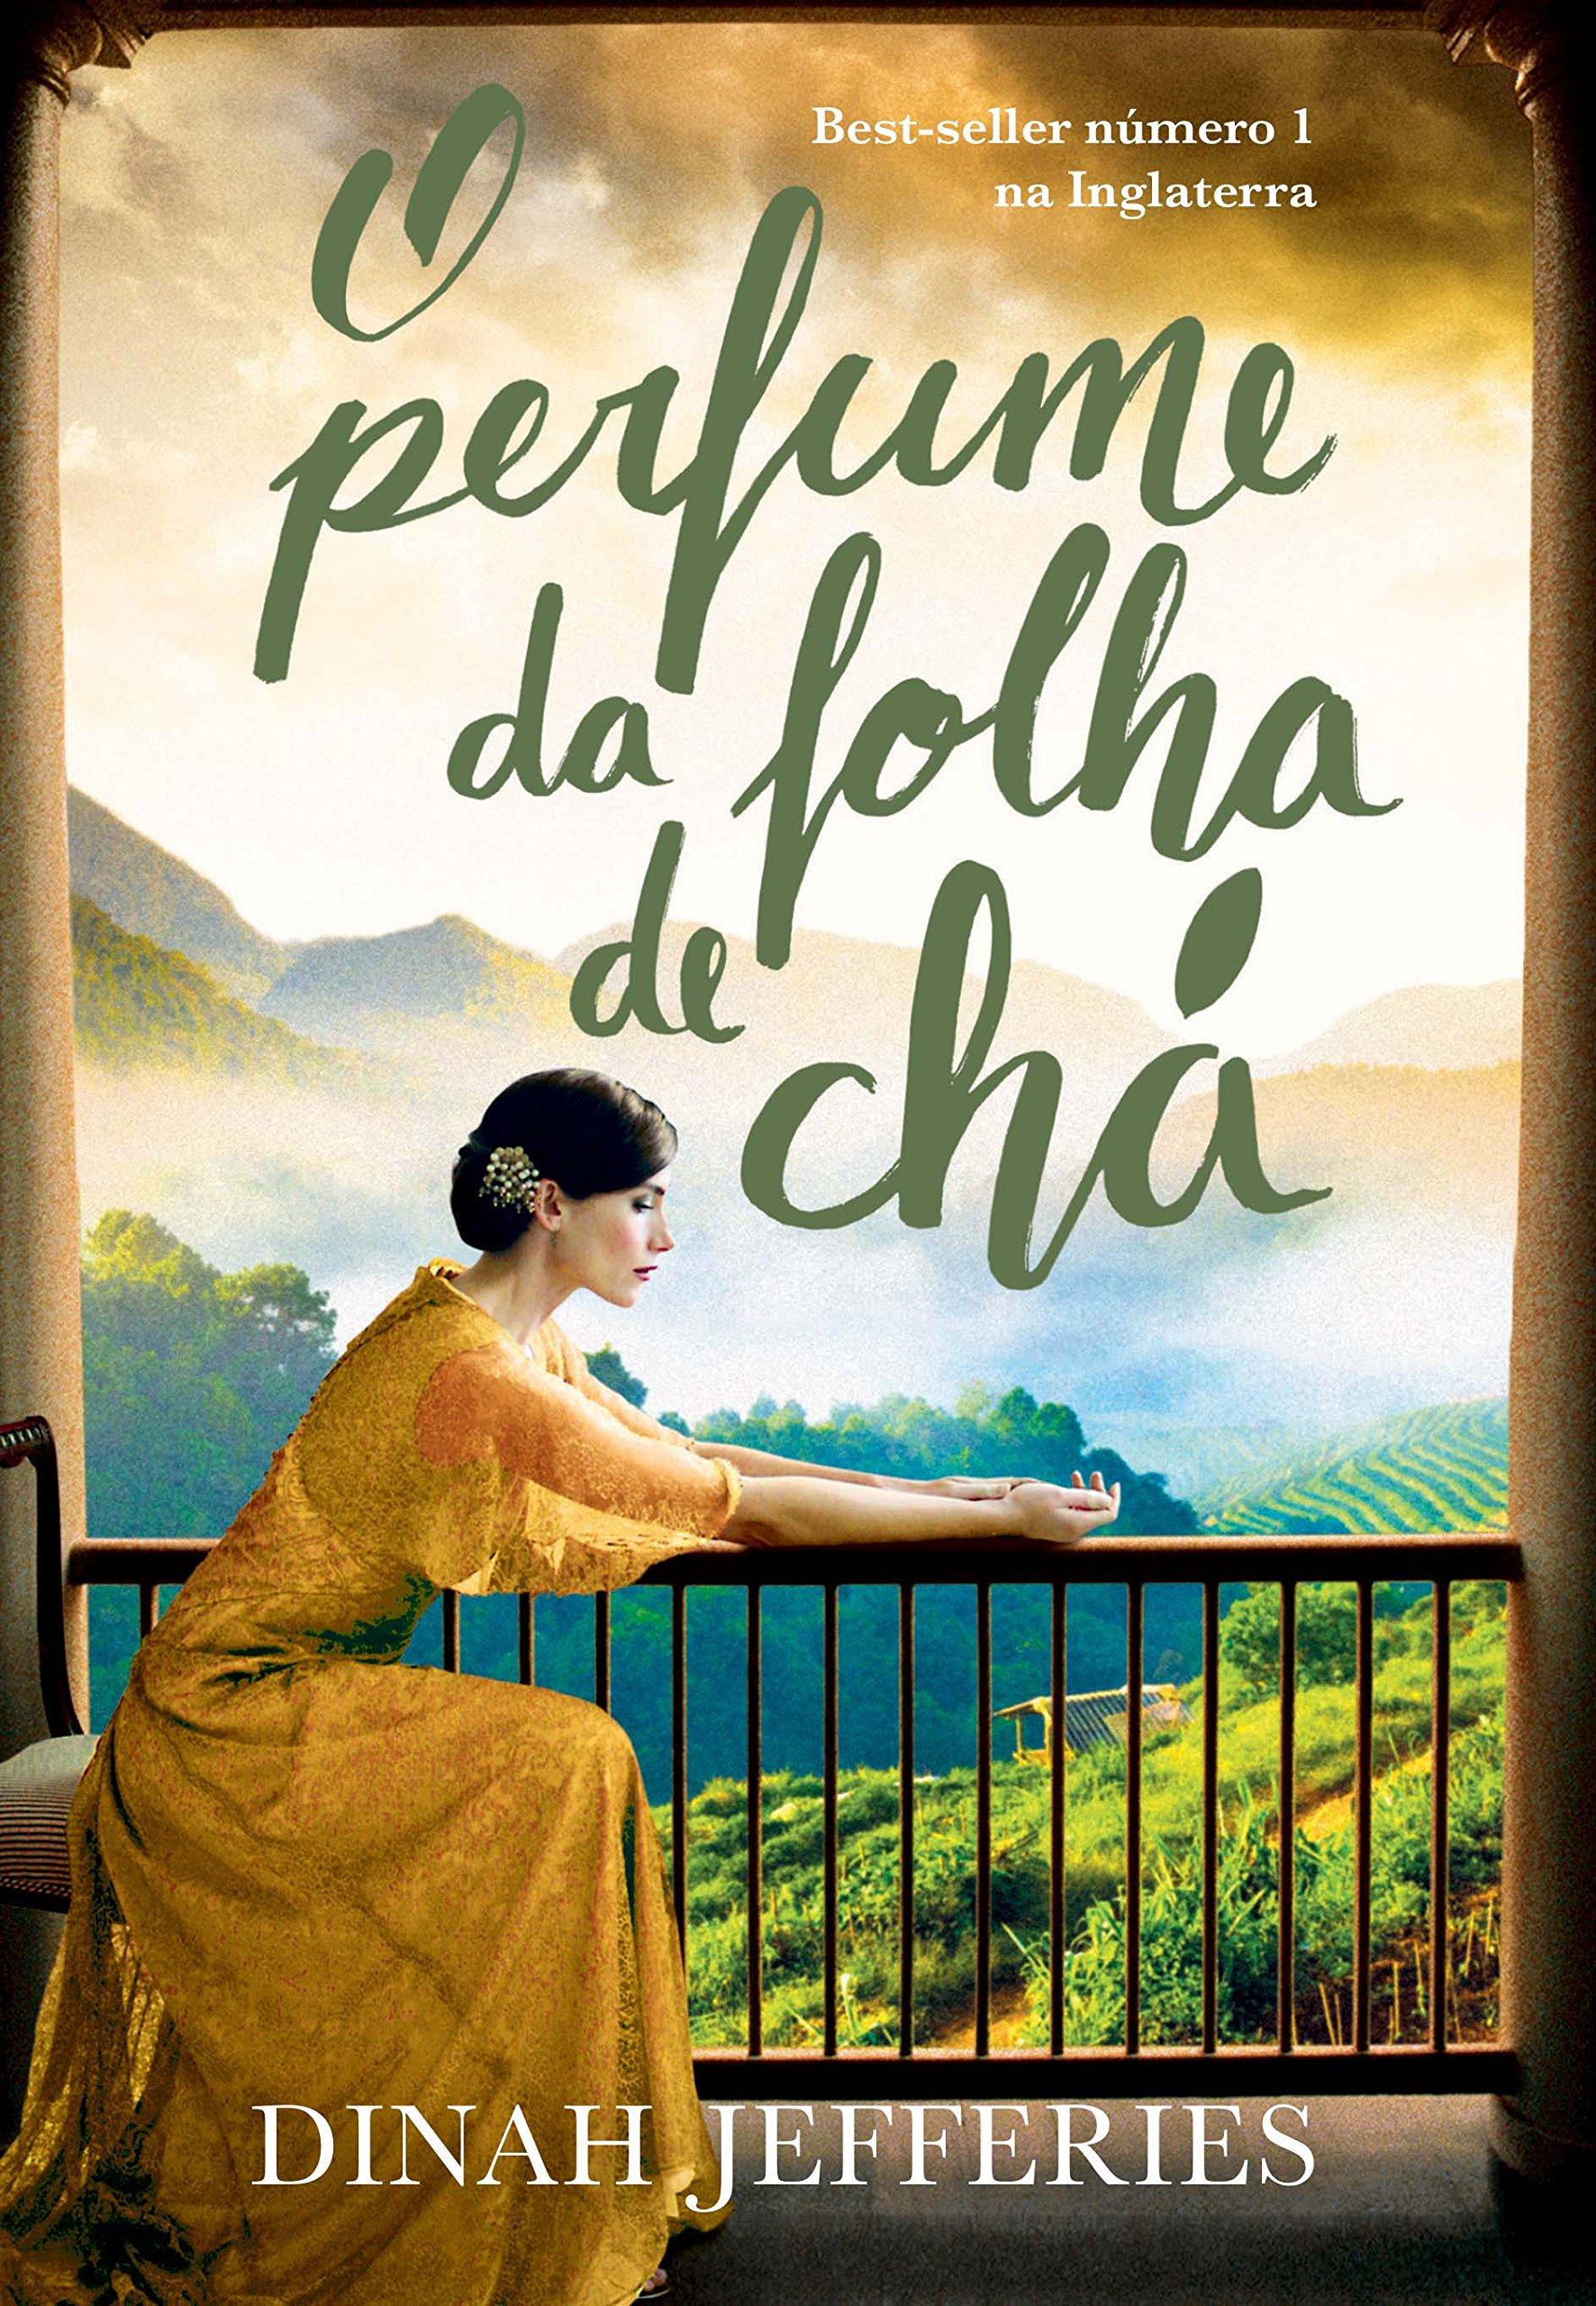 O perfume da folha de chá – Dinah Jefferies